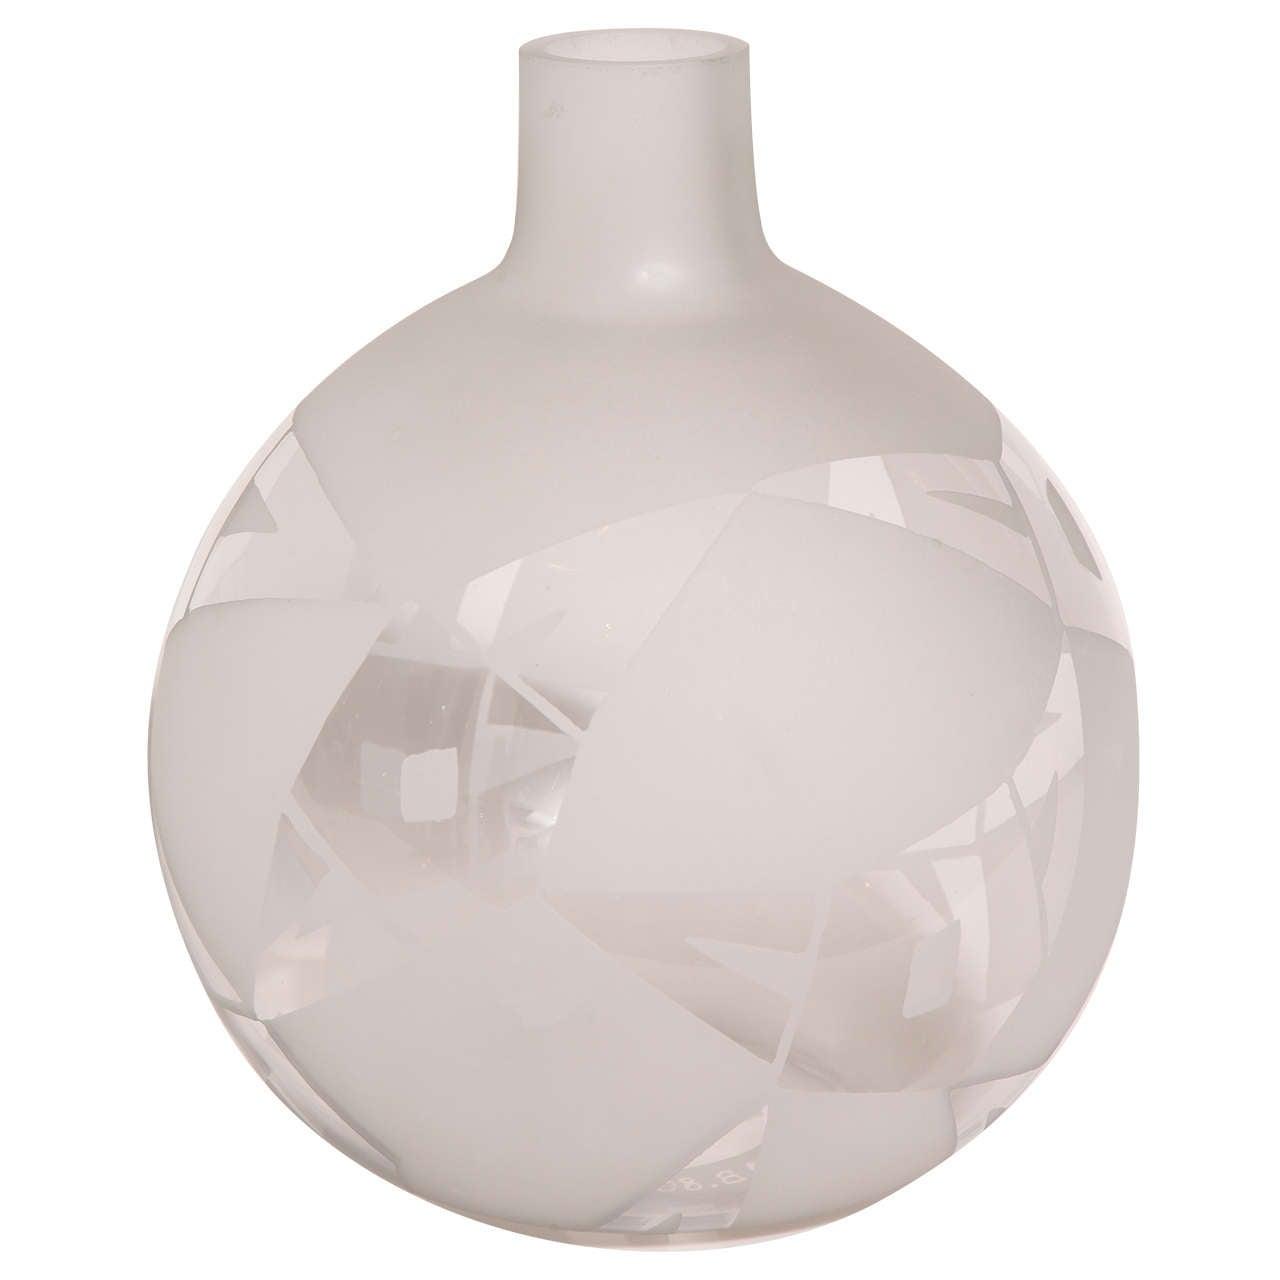 boris lacroix deco glass vase